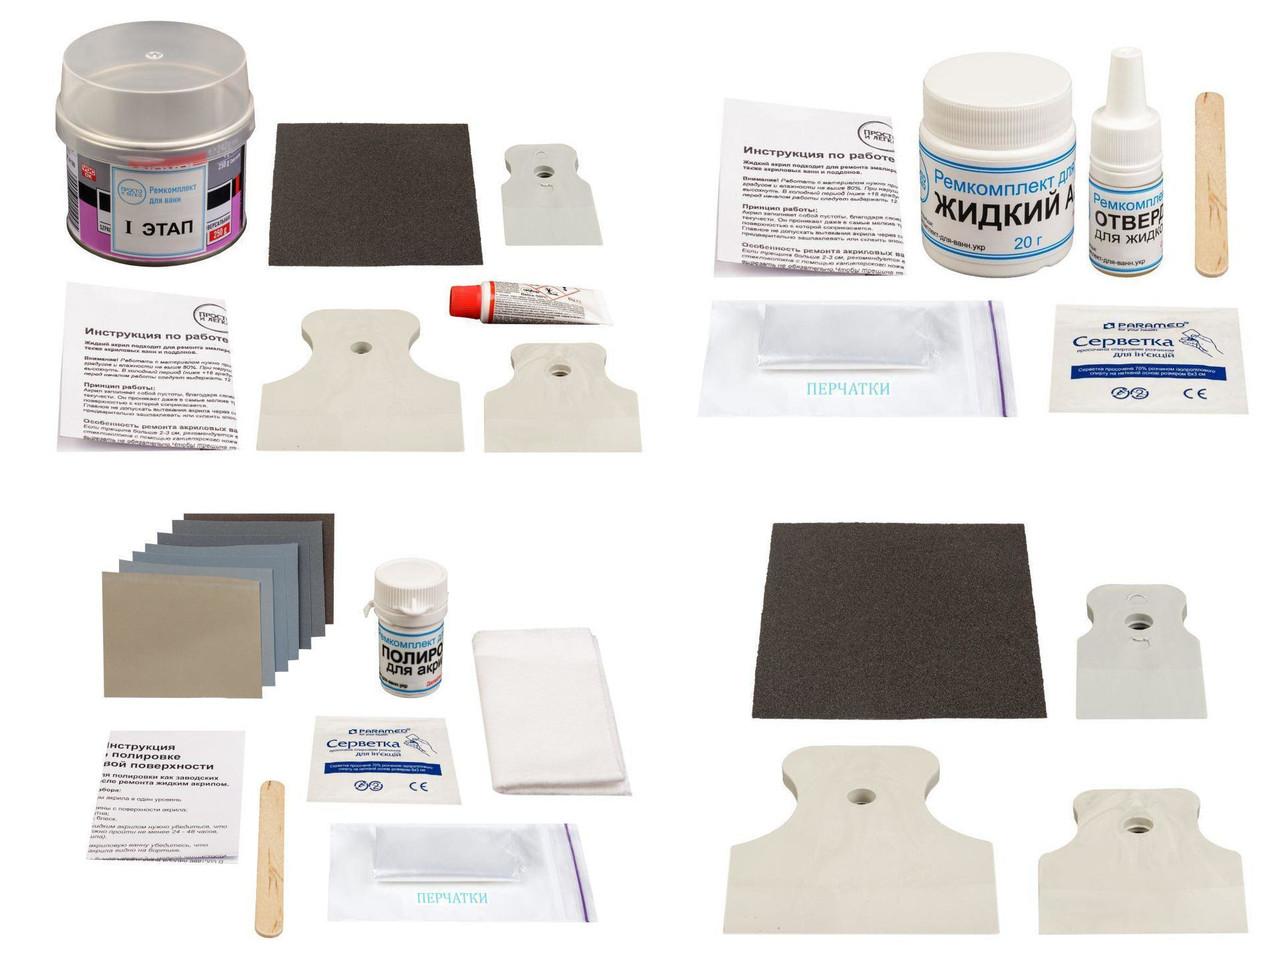 Ремкомплект для ванн ПРОСТО И ЛЕГКО ремонт сквозных трещин и пробоин с автошпаклевкой 20 г Белый (rk_acr_Ash_20)